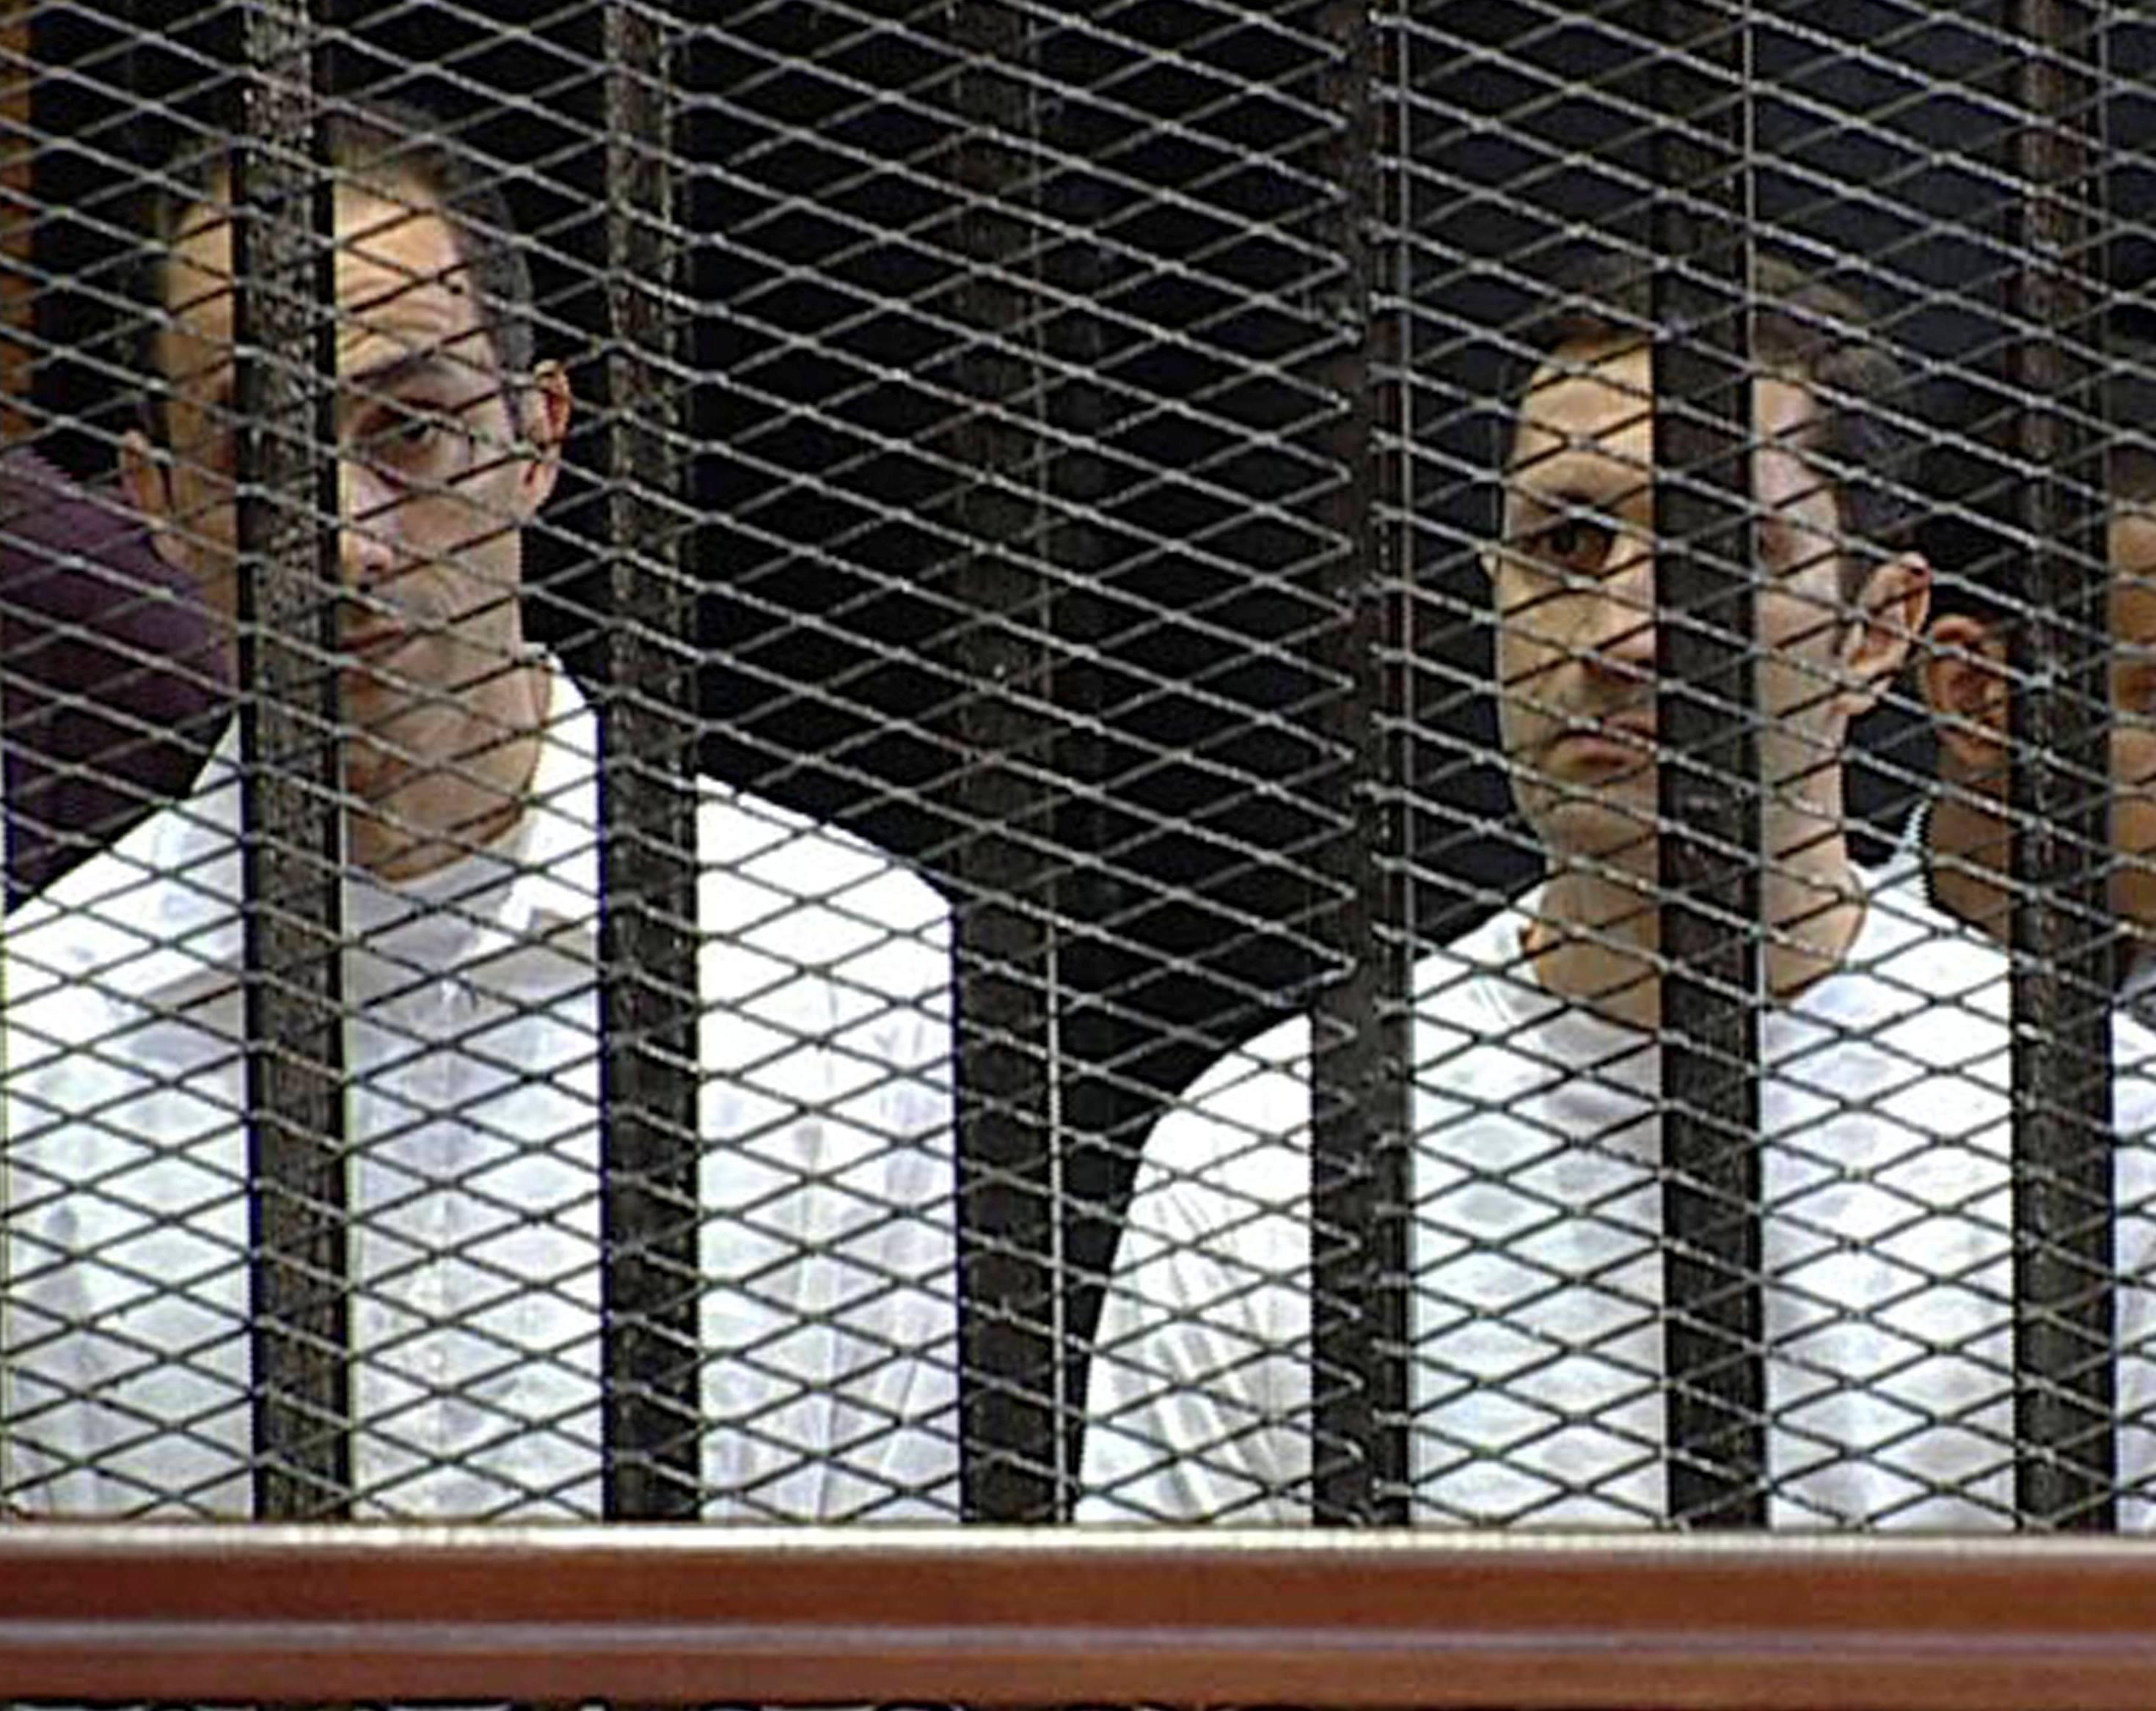 المحكمة تأمر بالقبض على علاء وجمال مبارك